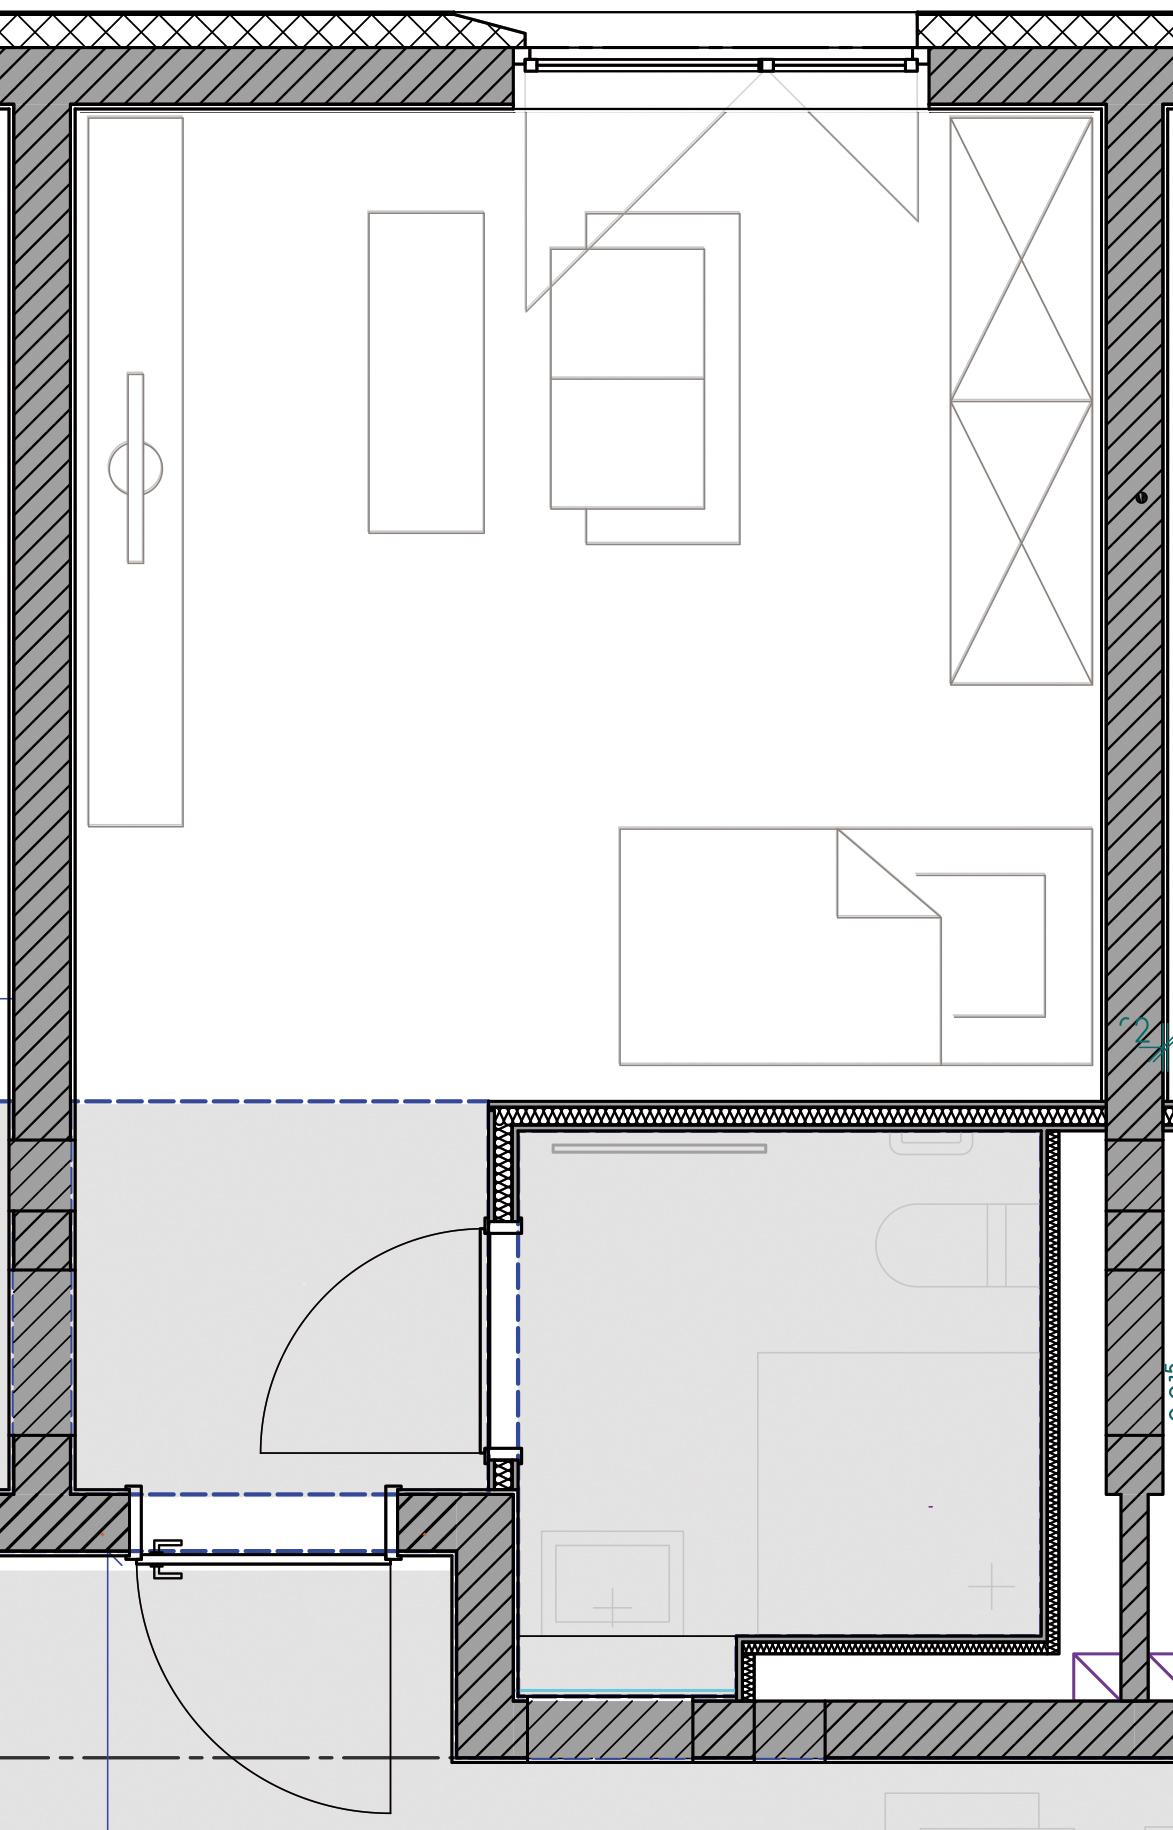 Beispielgrundriss für ein WG-Apartment